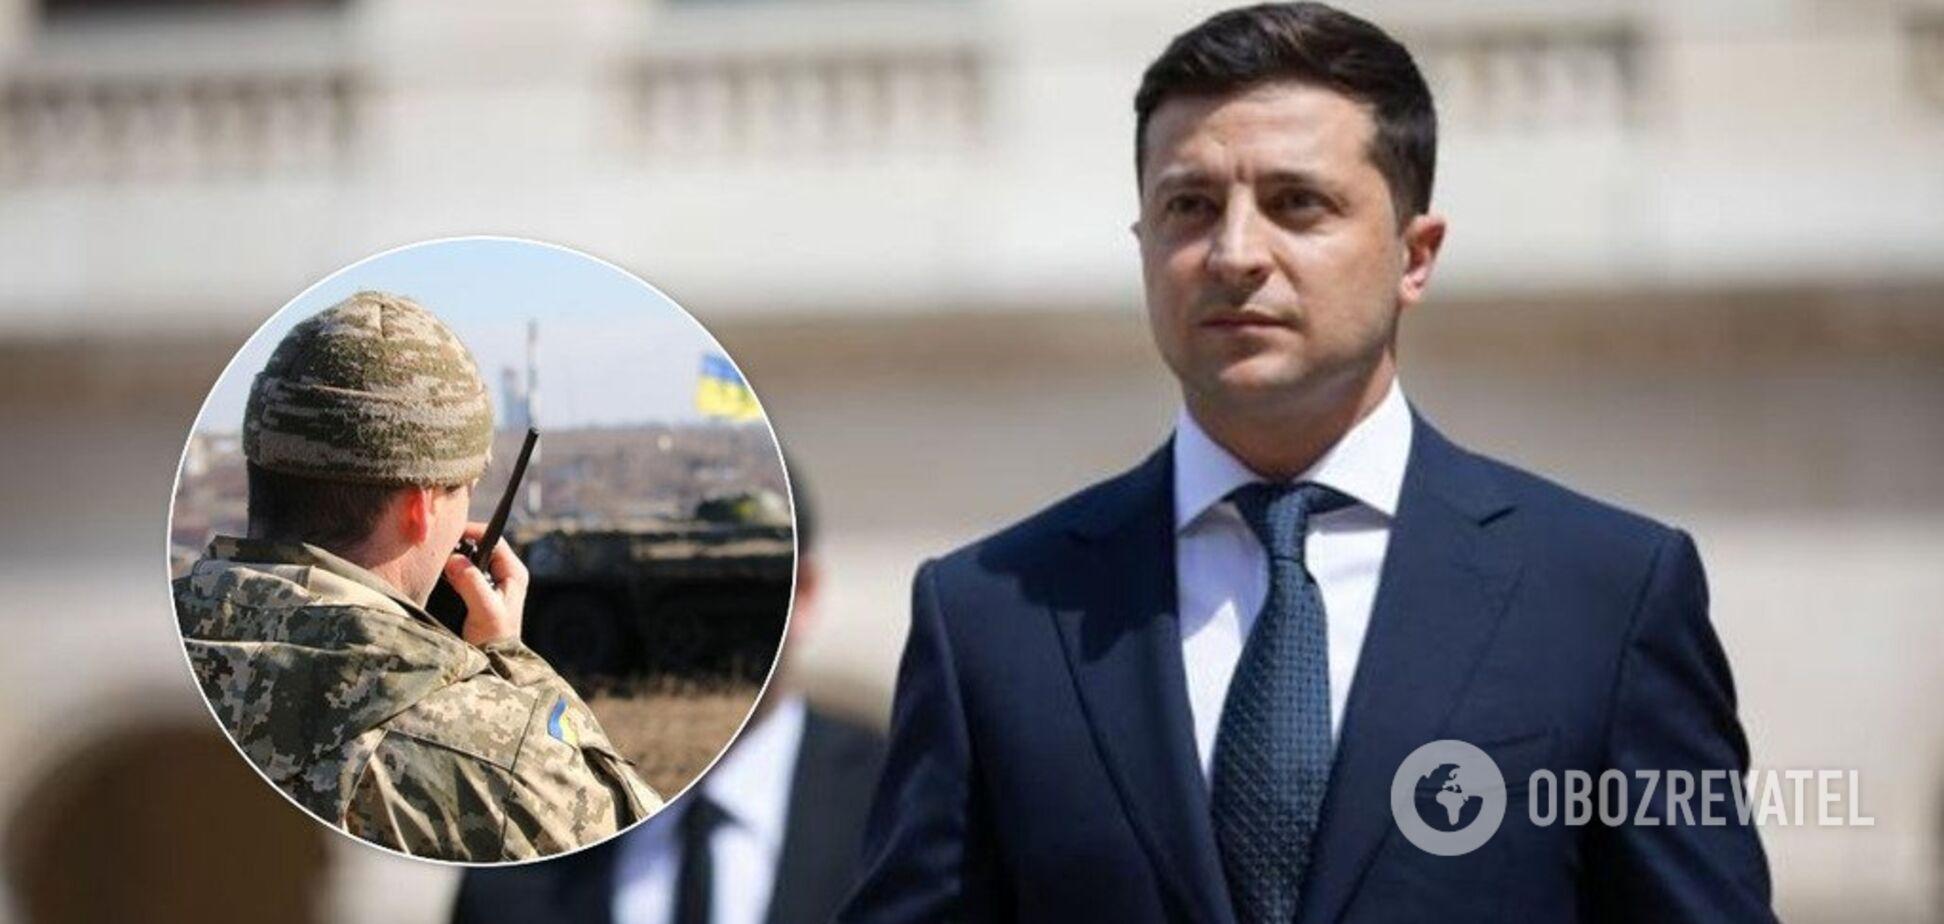 'Моя позиция четкая': Зеленский рассказал, как будет возвращать Донбасс и Крым